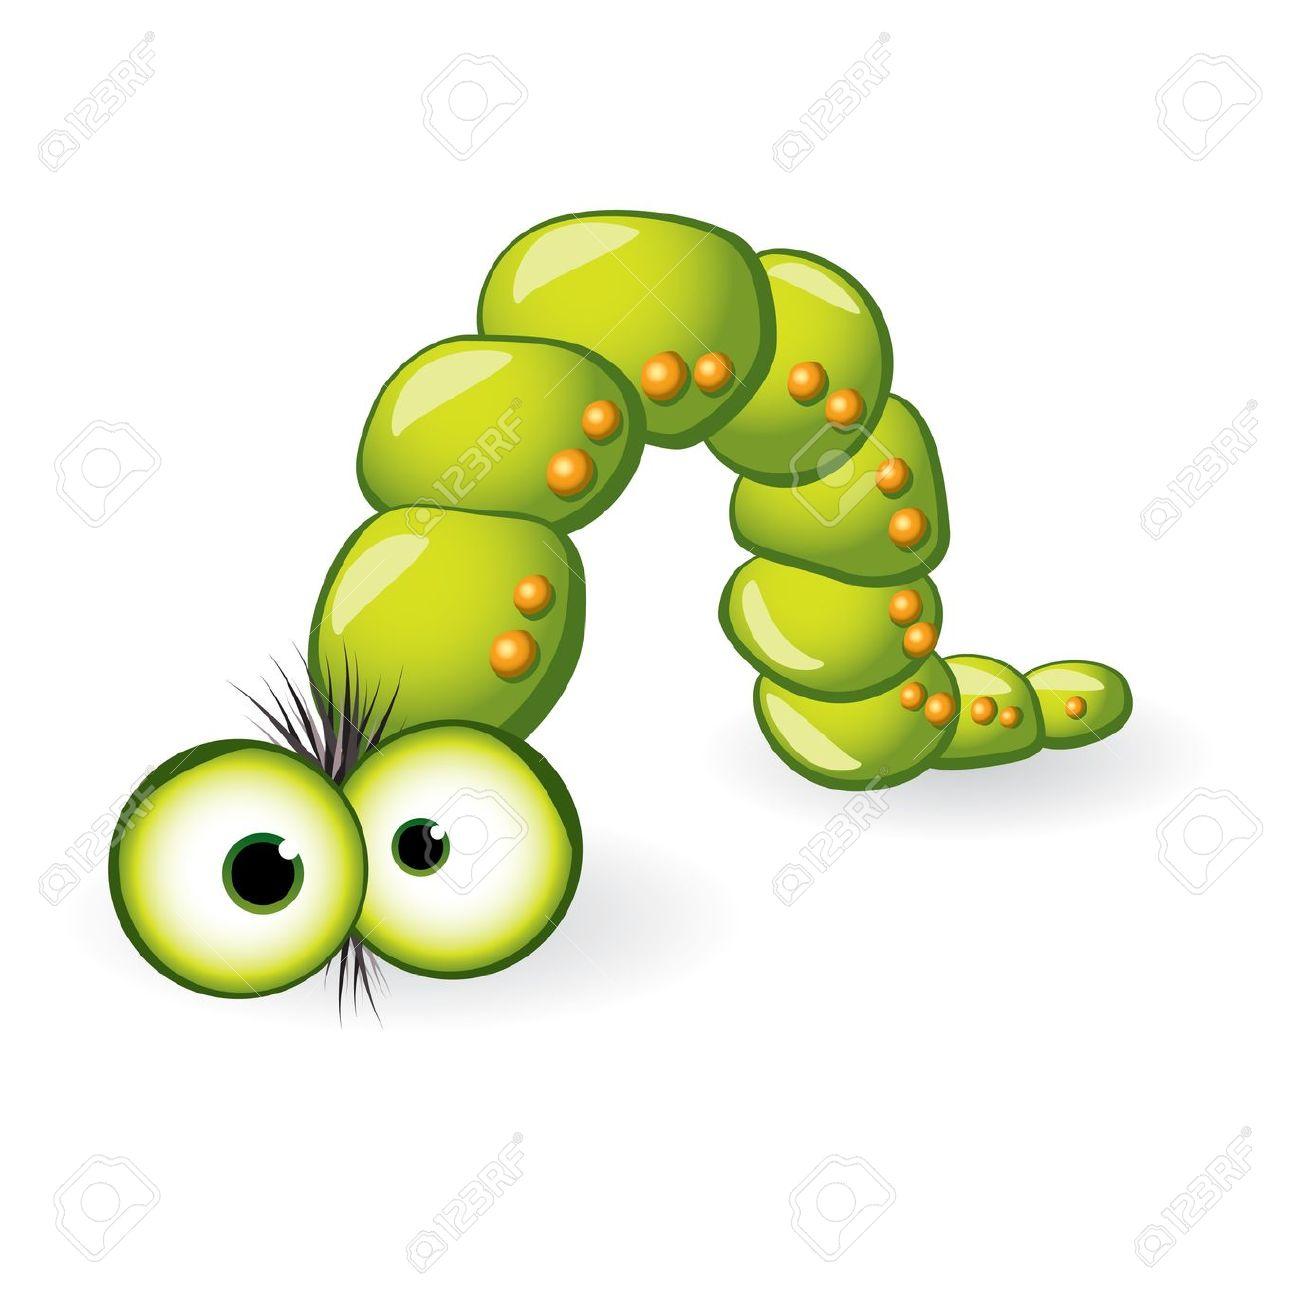 Larva Character. Illustration On White Background For Design.